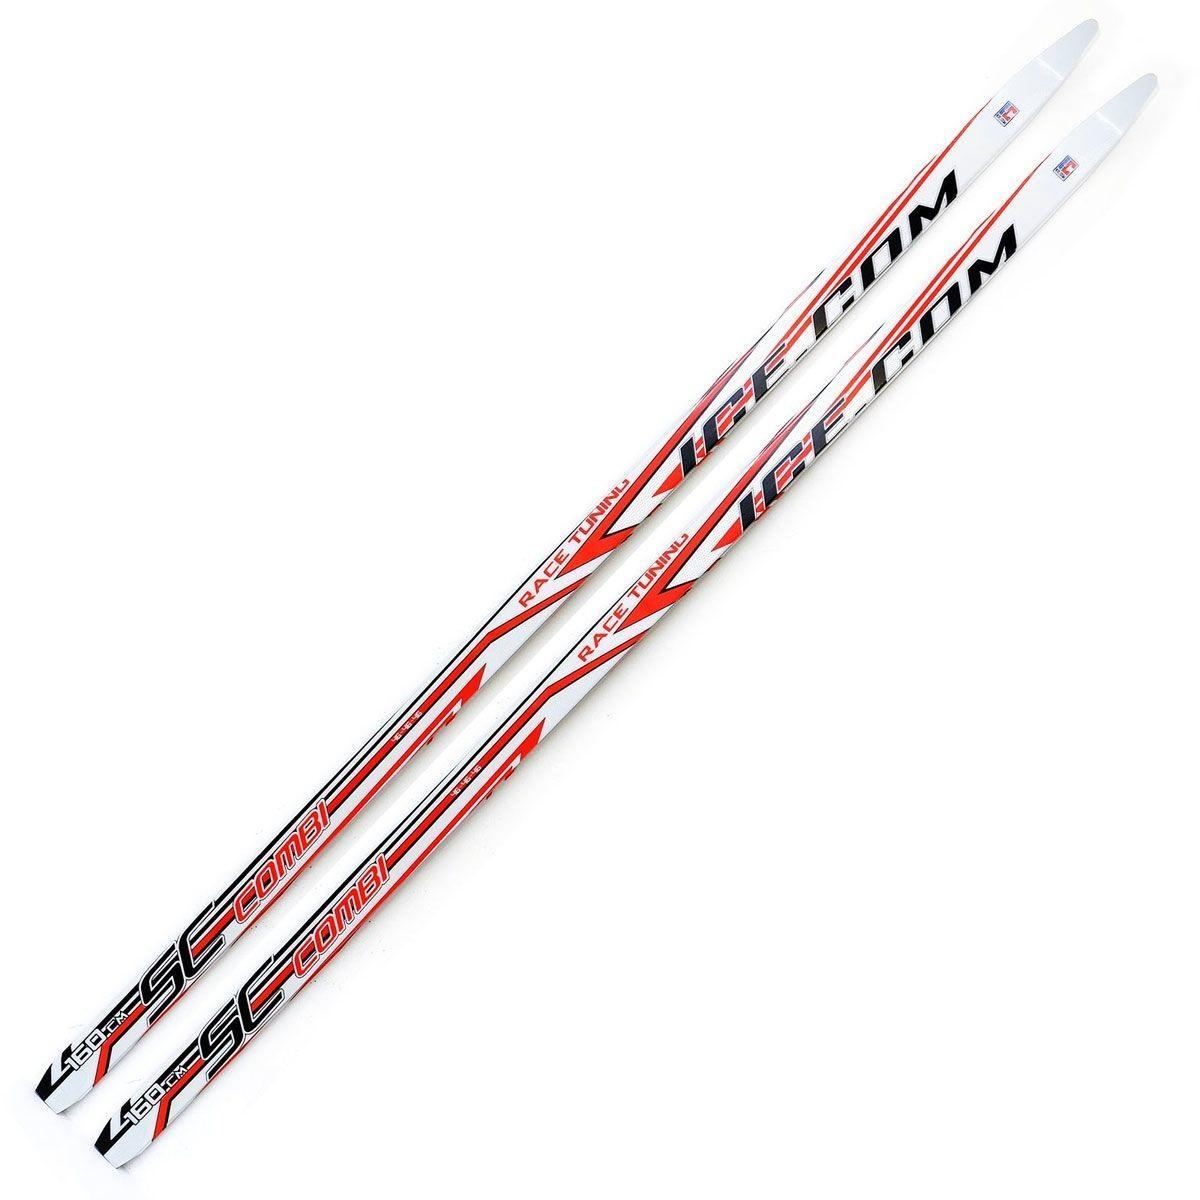 Беговые лыжи Ice.com Combi 2015 , цвет: красный, рост 170 смCMB 170Лыжи Ice.com Combi (без насечки) предназначены для активного катания и прогулок по лыжне как классическим стилем, так и коньковым (свободным) ходом. Особенности:Технология CAP - высокотехнологичный ABS пластик;Скользящая поверхность из экструдированного полиэстера;Облегченный деревянный клин c воздушными каналами.